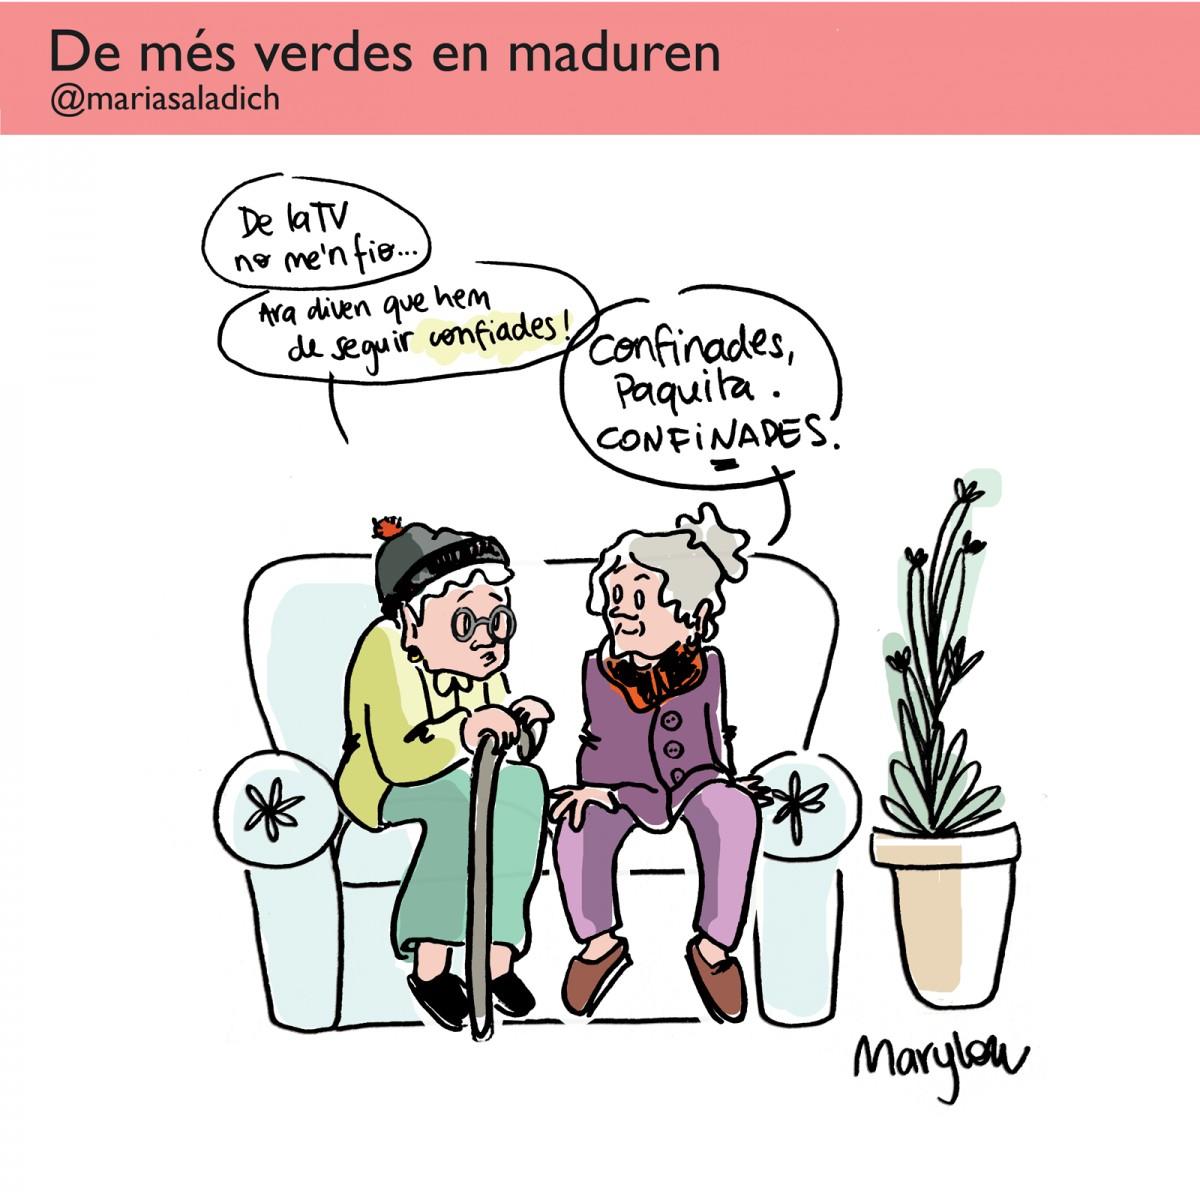 Primera vinyeta de Maria Saladich a Setembre. Les protagonistes són dues iaies